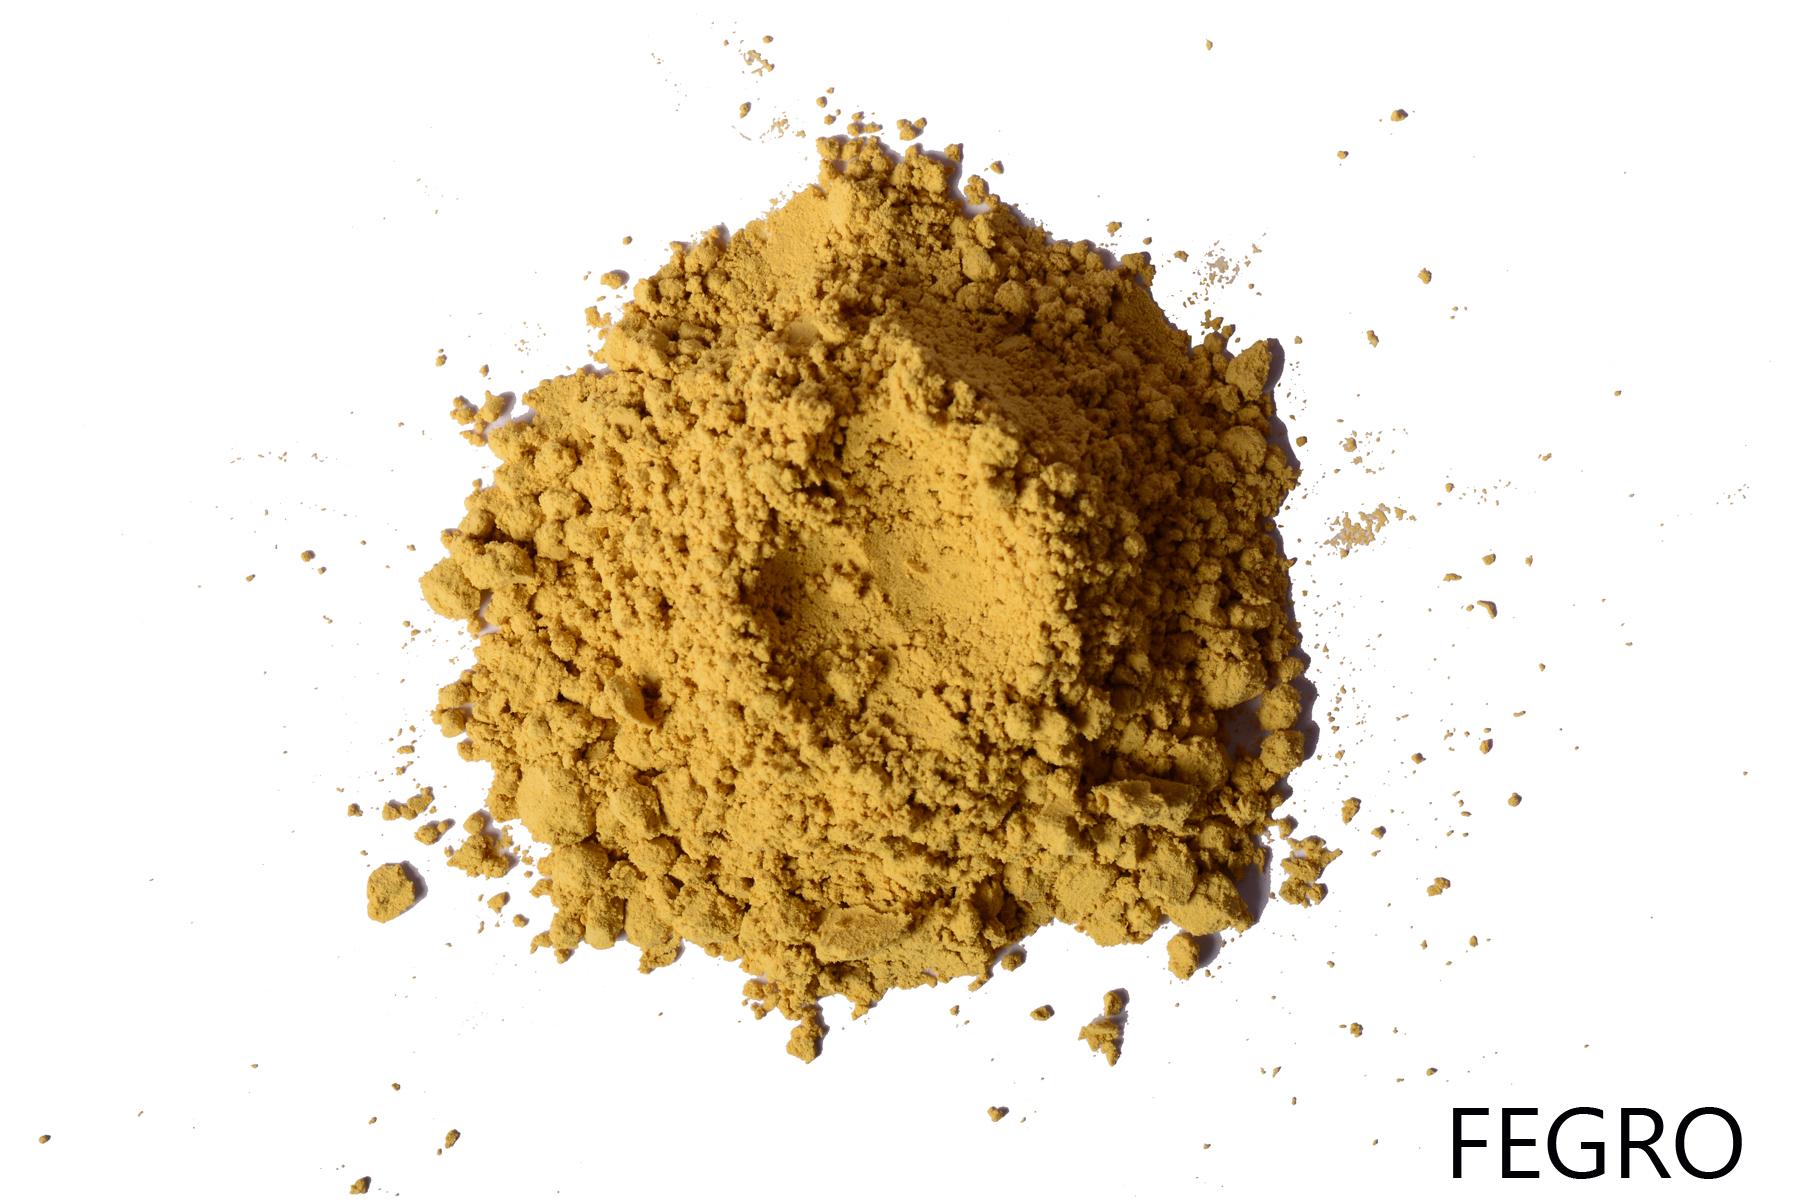 12% Iron EDTA Fe-Gro